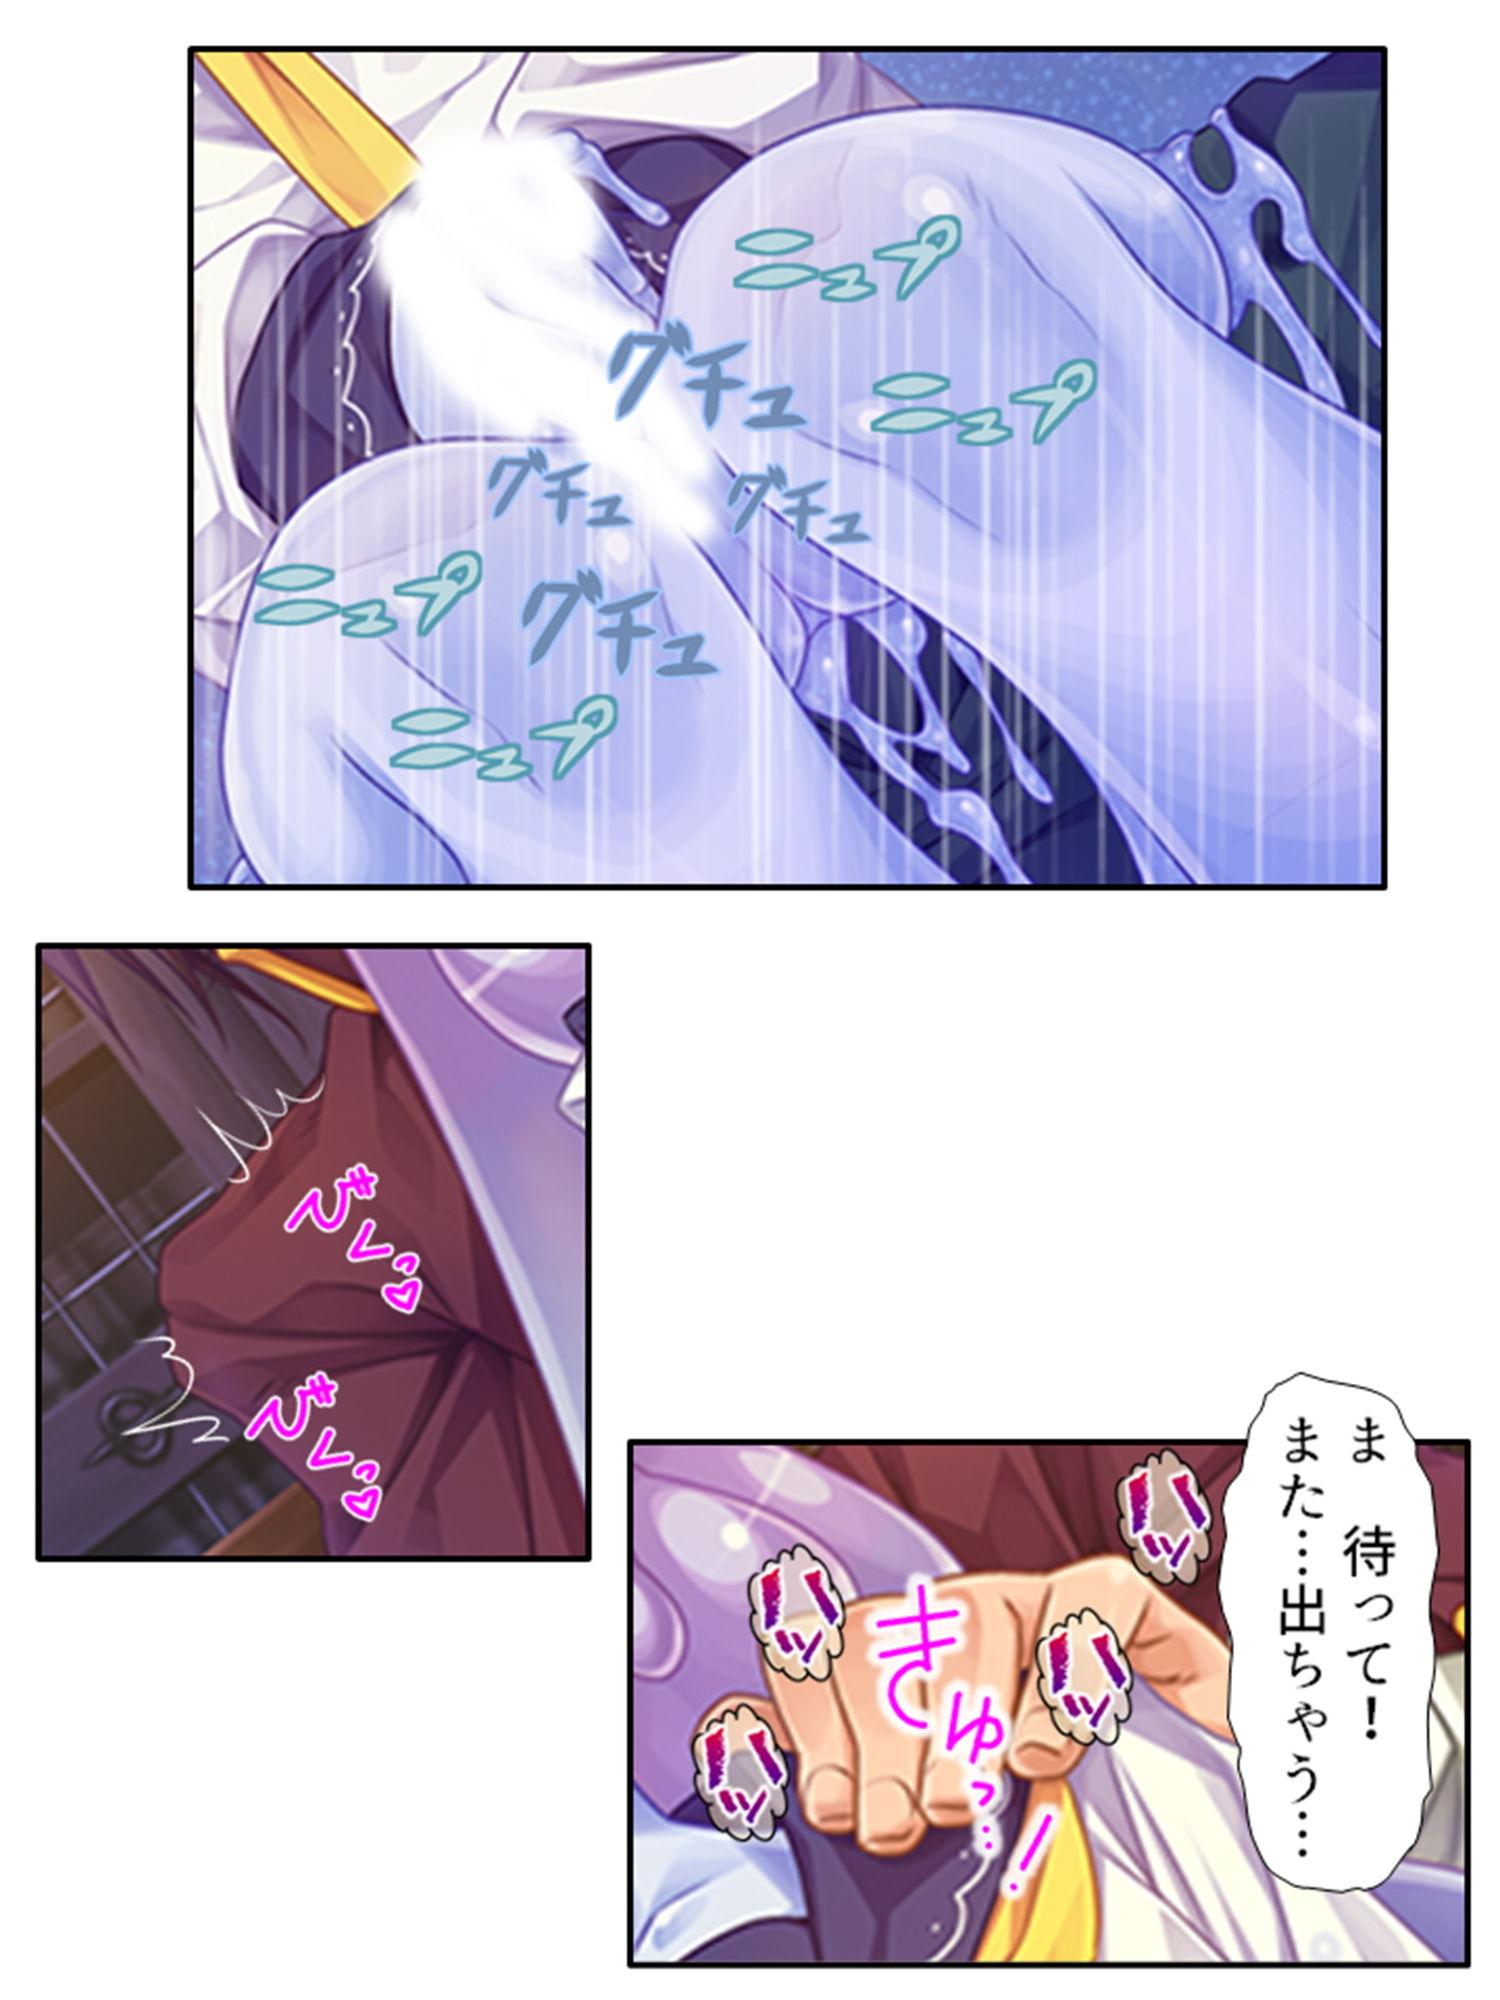 モンスター娘とハーレムクエスト(1)-異世界編- 3巻